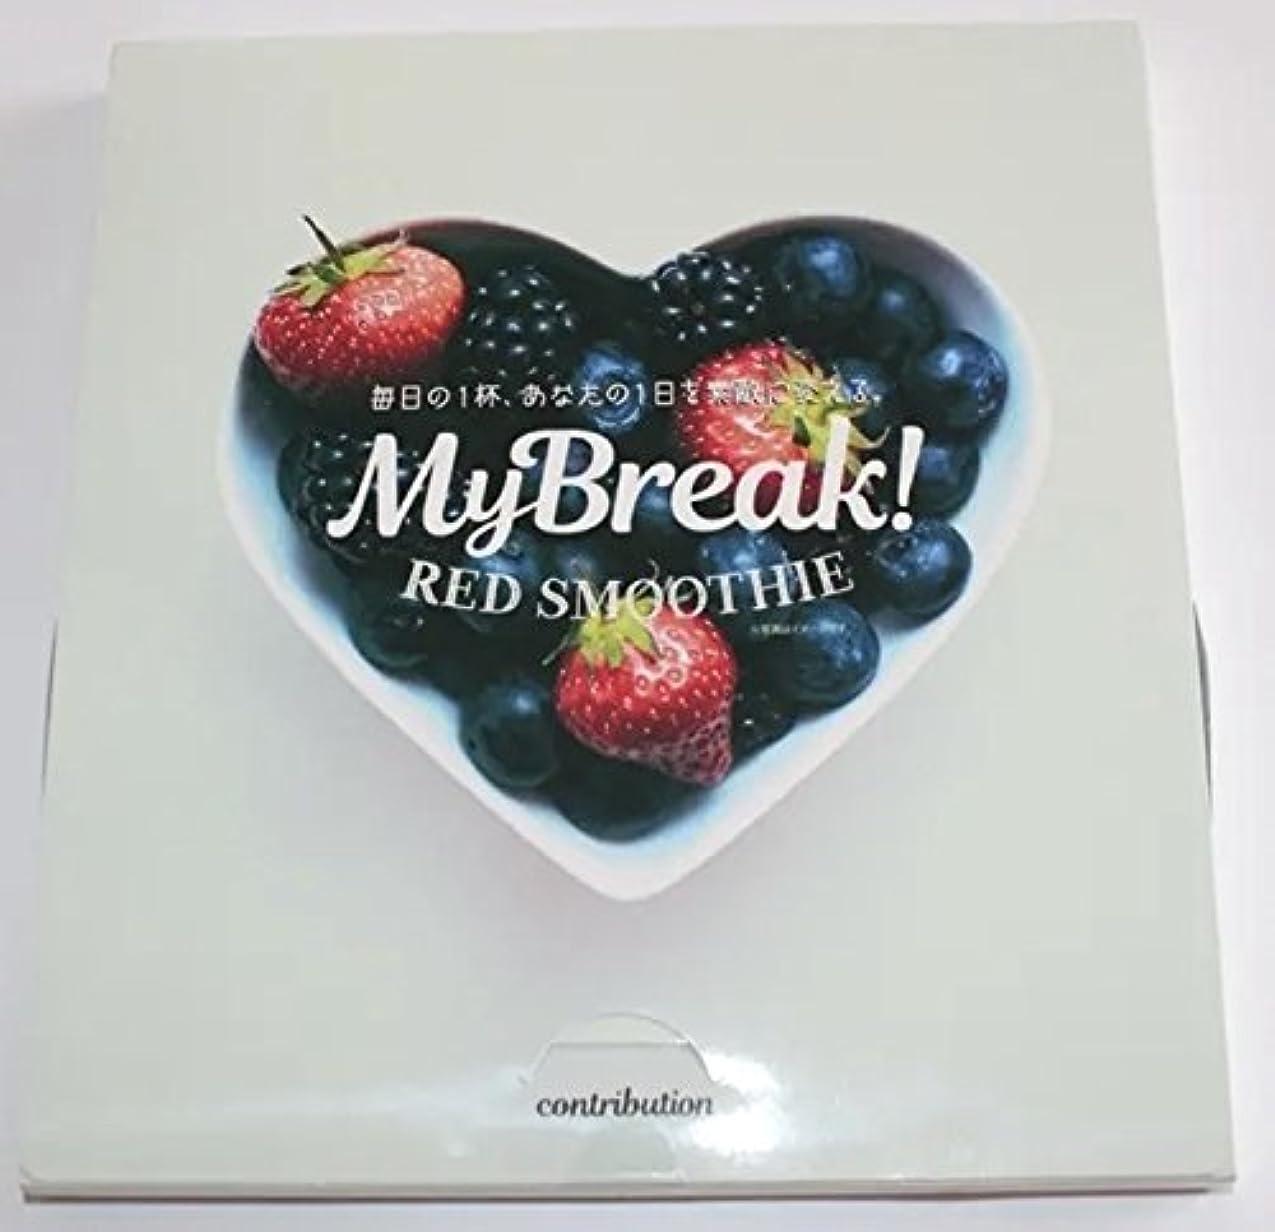 急速な建築毒性MyBreak! RED SMOOTHIE マイブレイク レッドスムージー 150g(1包5g×30包) [並行輸入品]